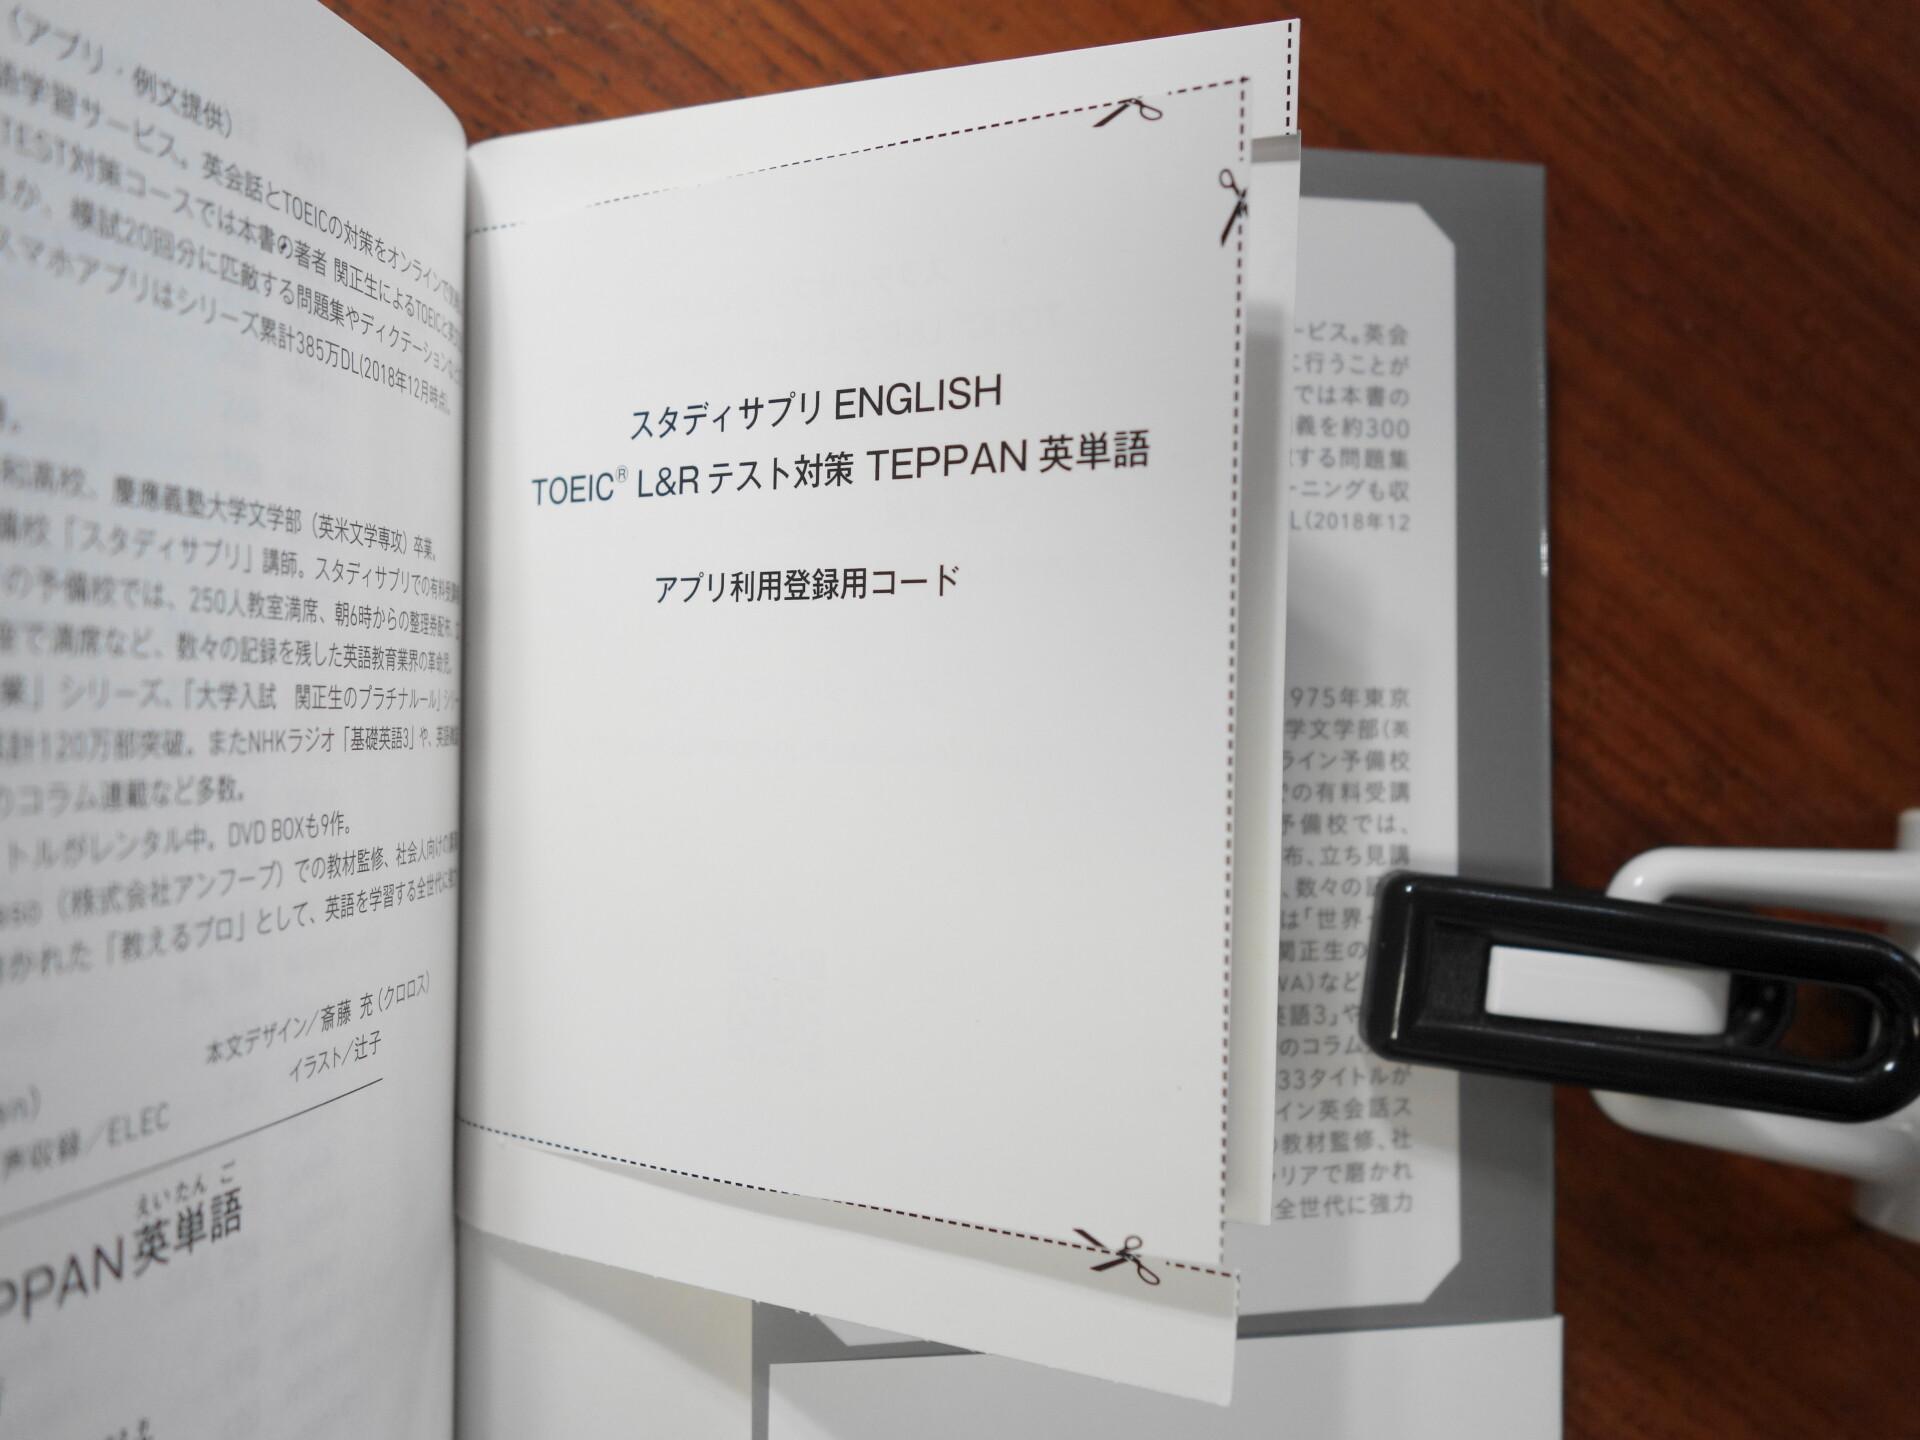 TEPPAN英単語の袋とじ